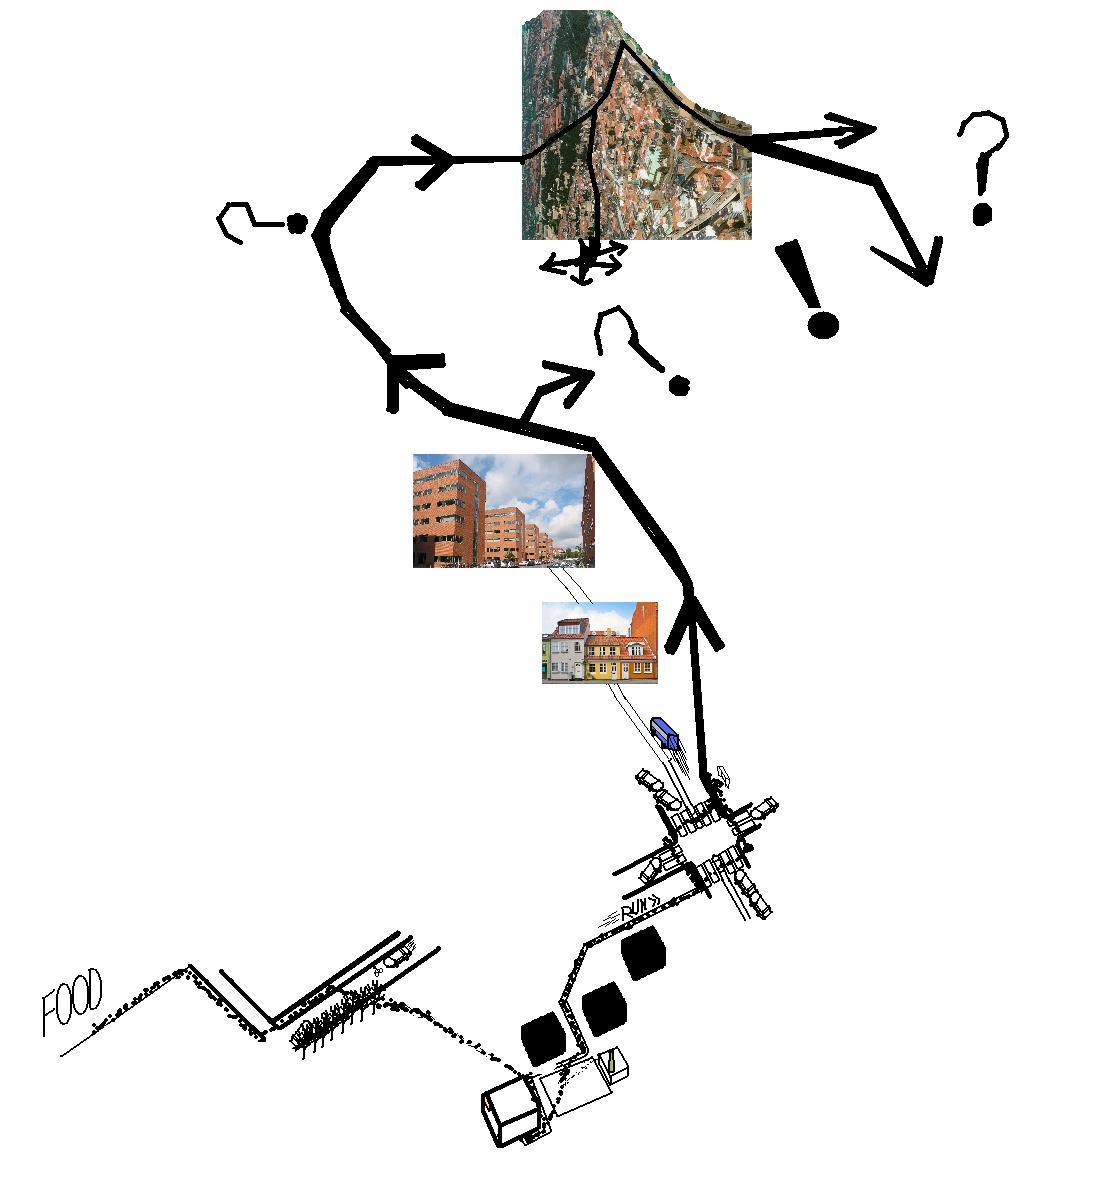 Aarhus_Subjective_Map_by_licejammin.jpg